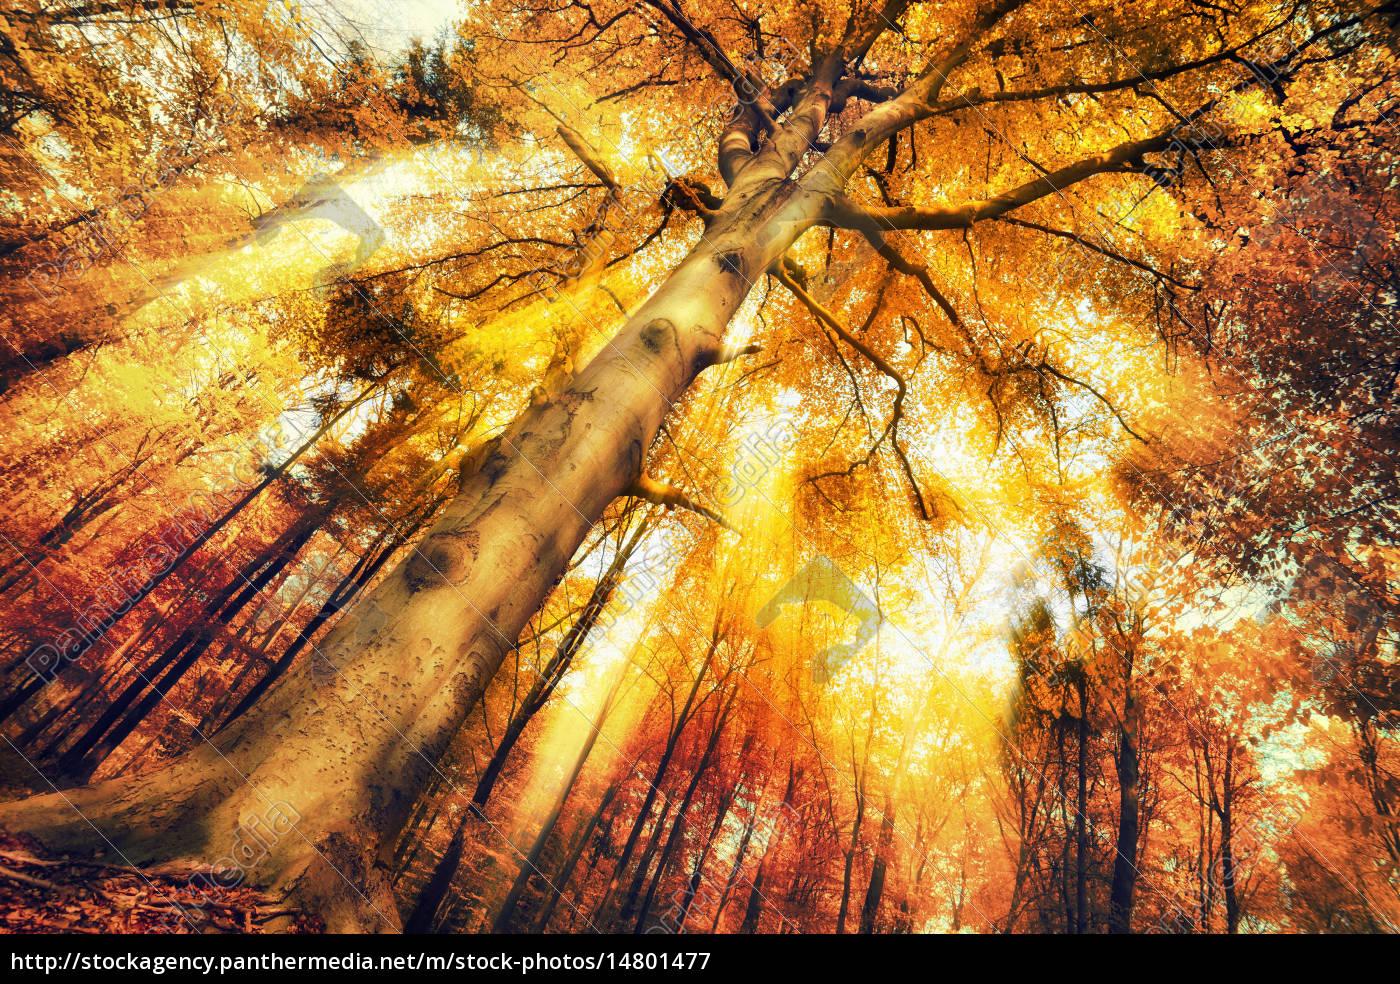 encantador, paisaje, forestal, en, otoño - 14801477